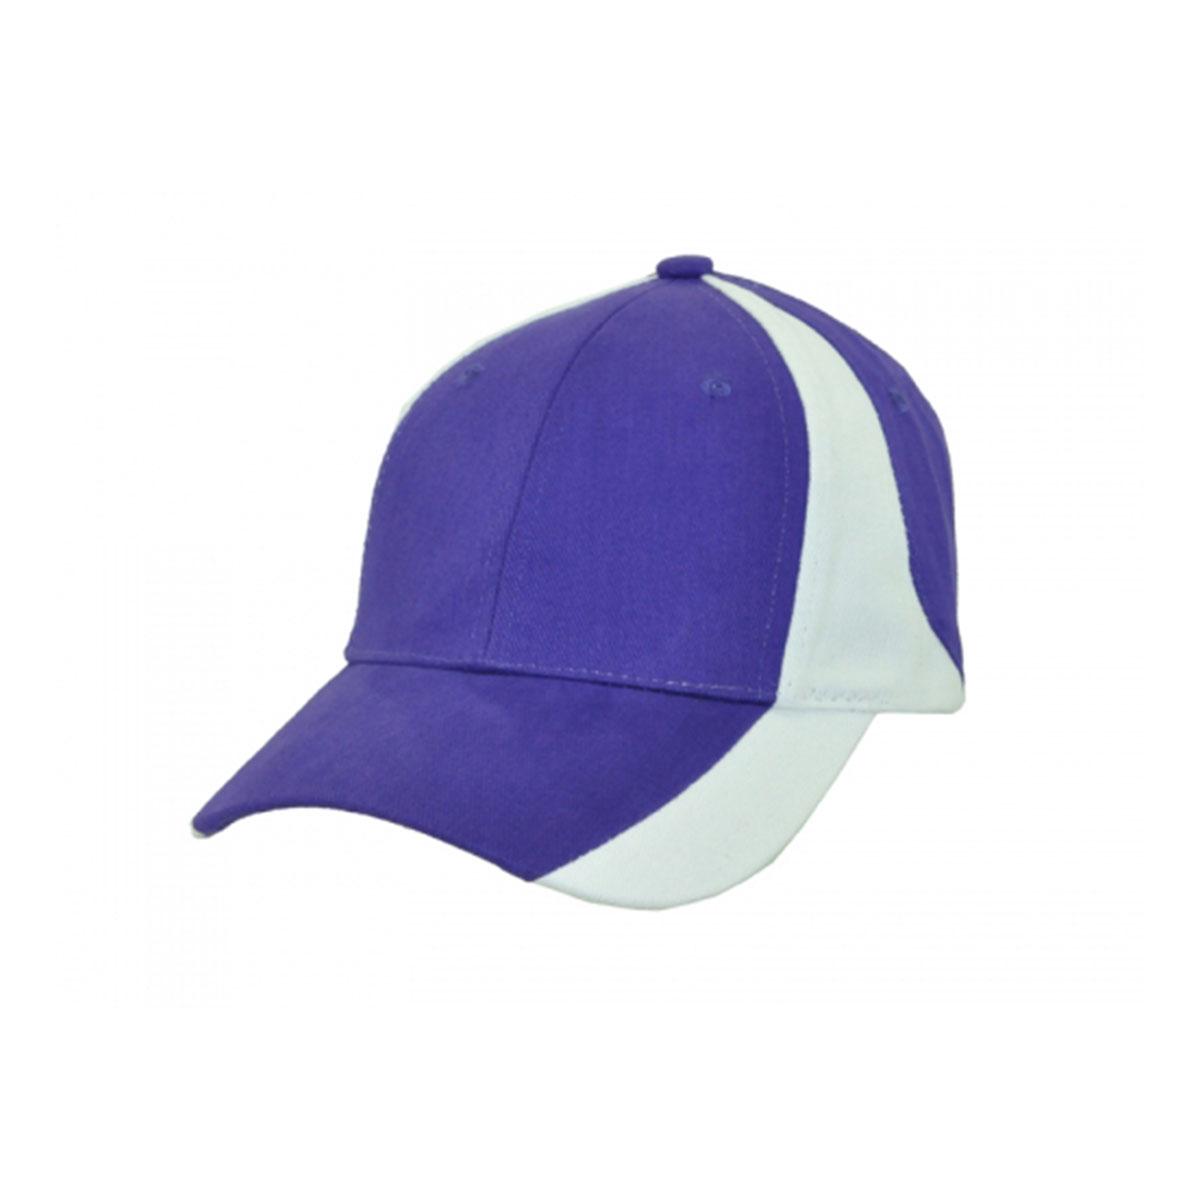 Vertek Cap-Navy / White